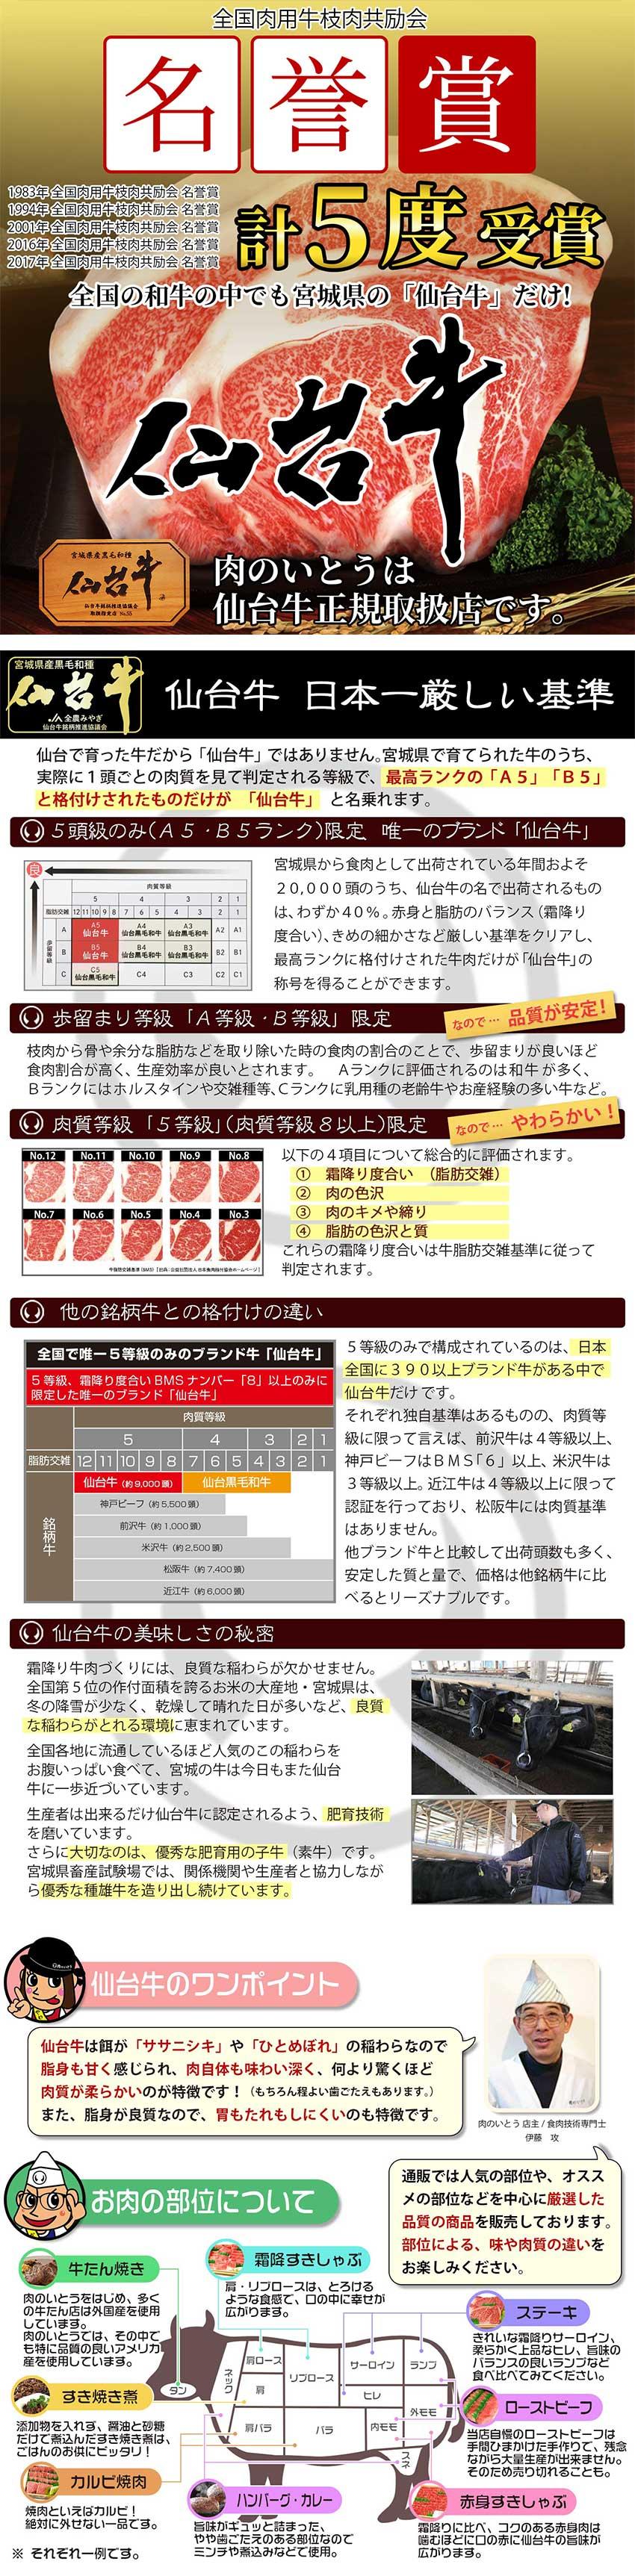 【平成29年度】全国肉用牛枝肉共励会 名誉賞受賞 日本で唯一のA5・B5限定牛。年間7,000頭の安定生産。だから安い。仙台牛はエサがササニシキやひとめぼれの稲わらなので脂身があまく、肉自体も味わいが深く、何より驚くほど肉質がやわらかいのが特長です!(もちろん丁度良い歯ごたえもあります)また脂身が良質なので、胃もたれしにくいのも特長です。